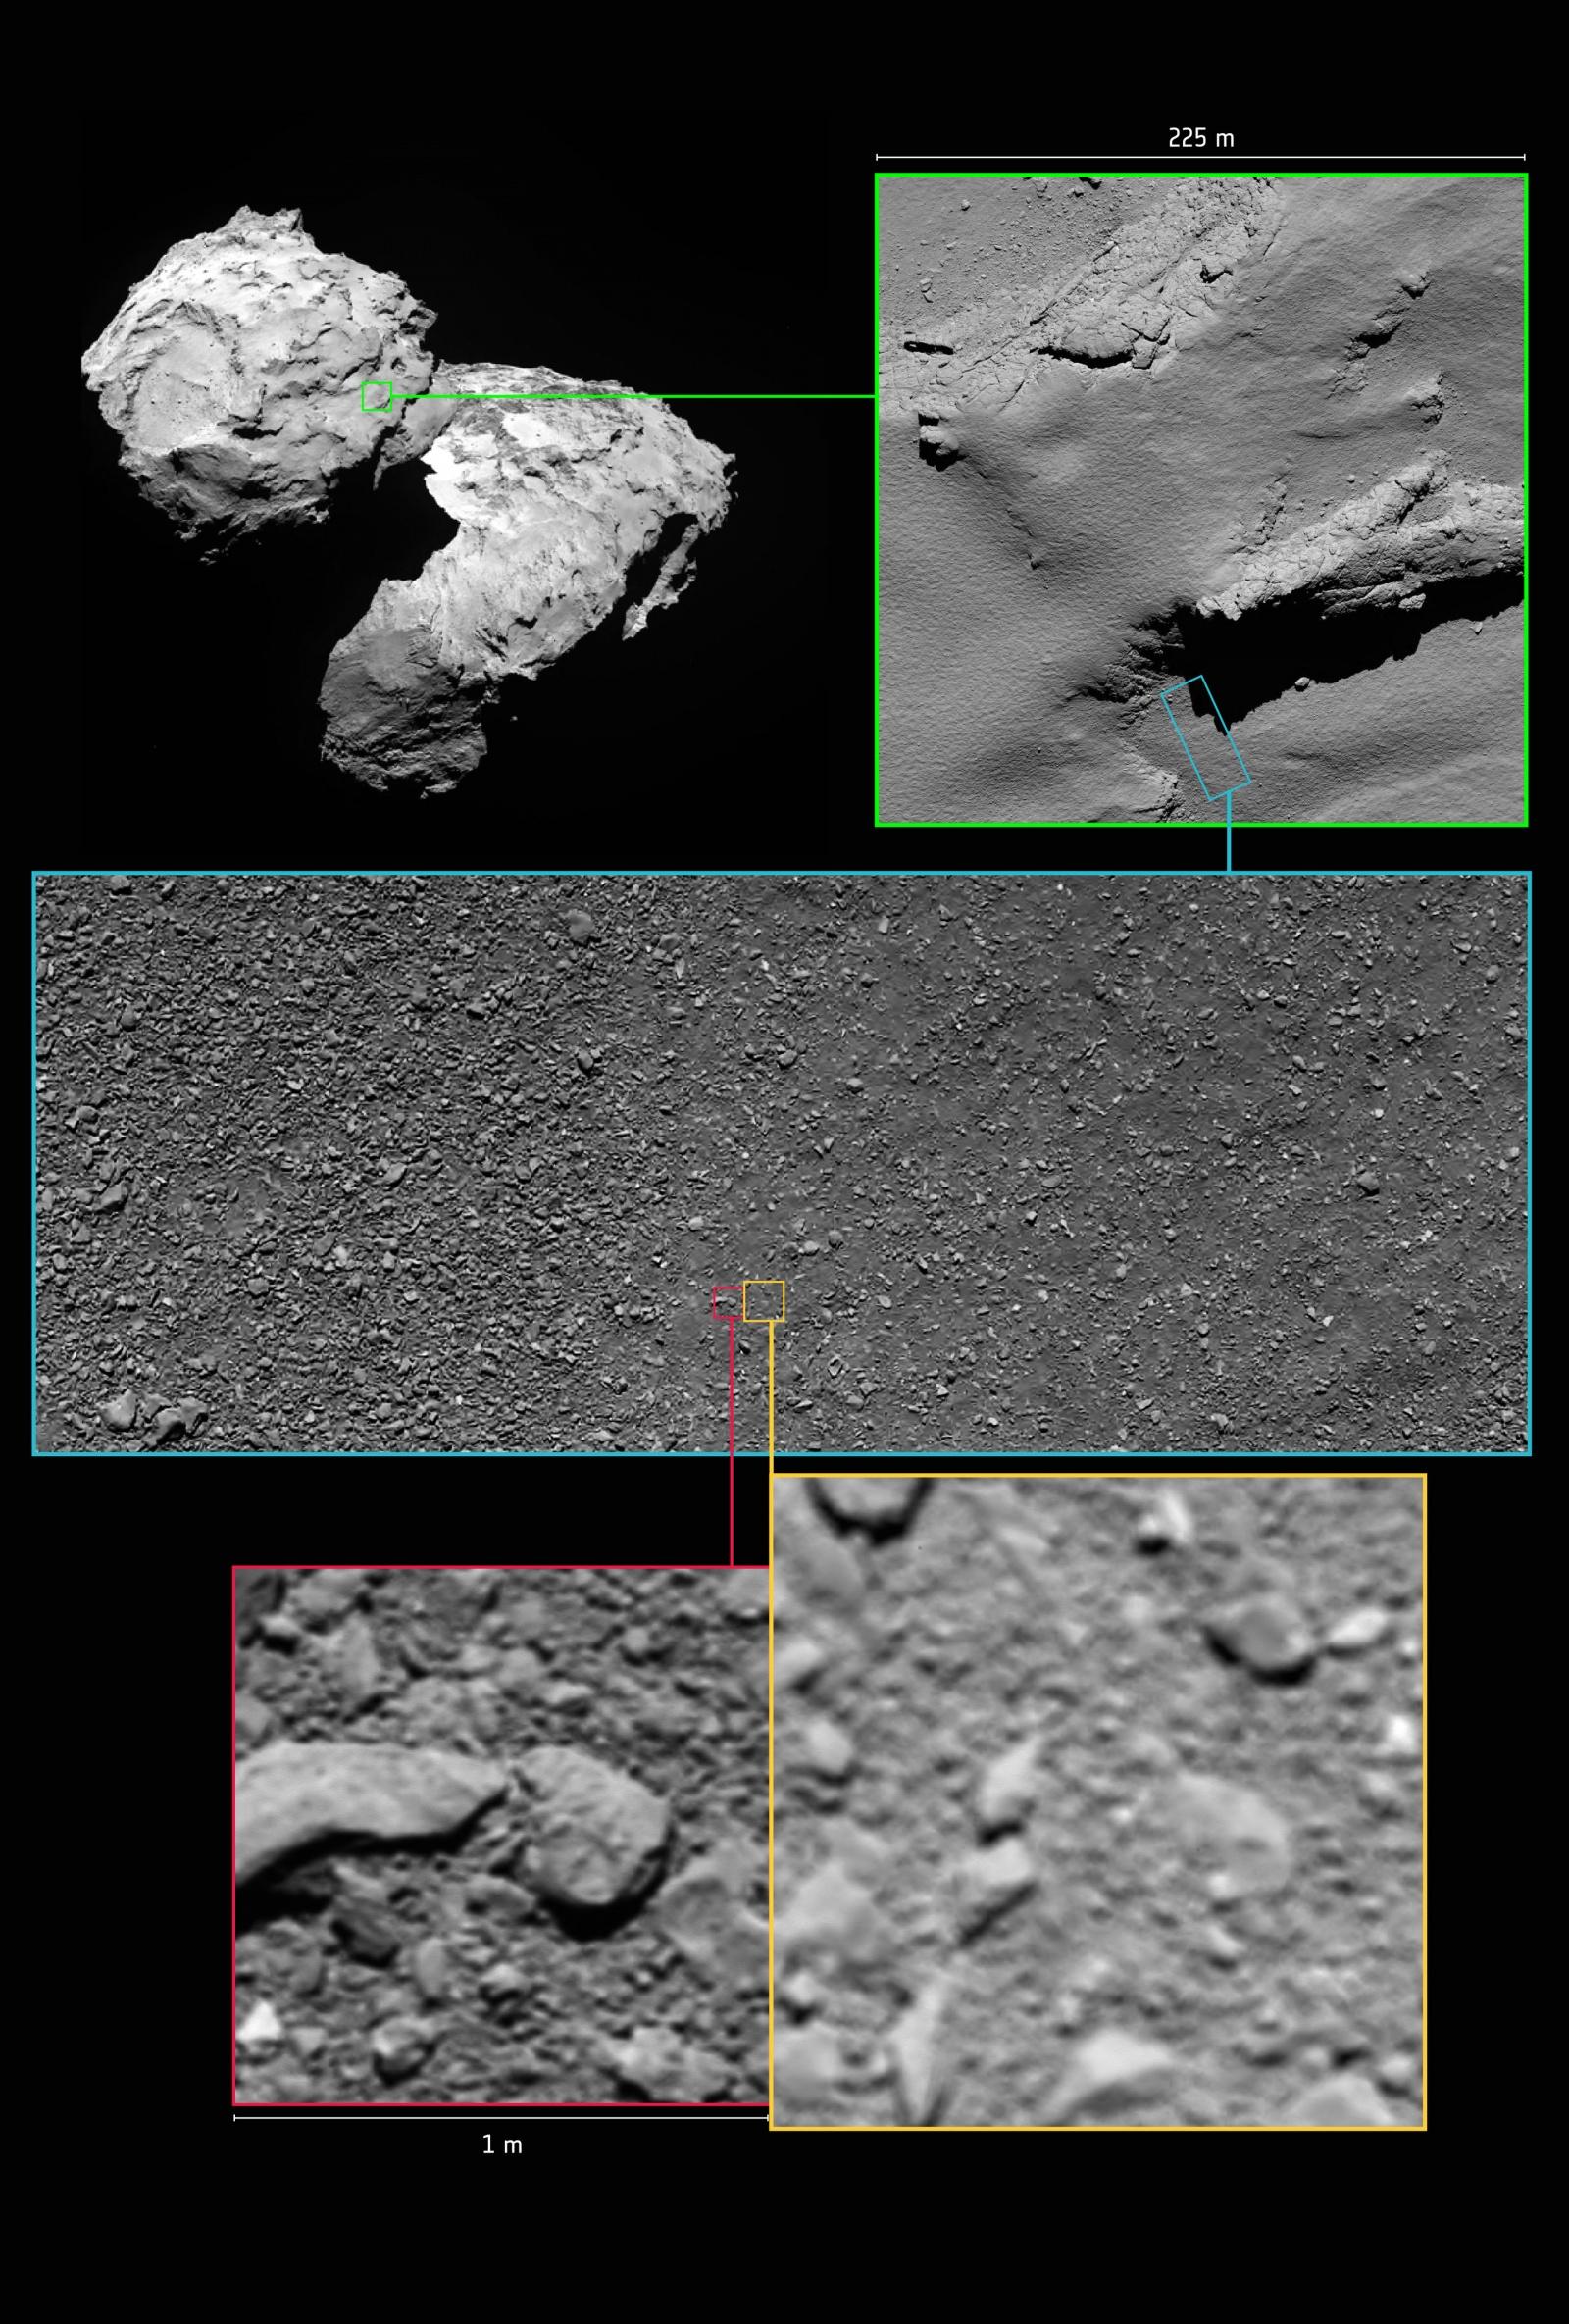 Ученые расшифровали «последний привет» от межпланетной станции «Розетта» - 2